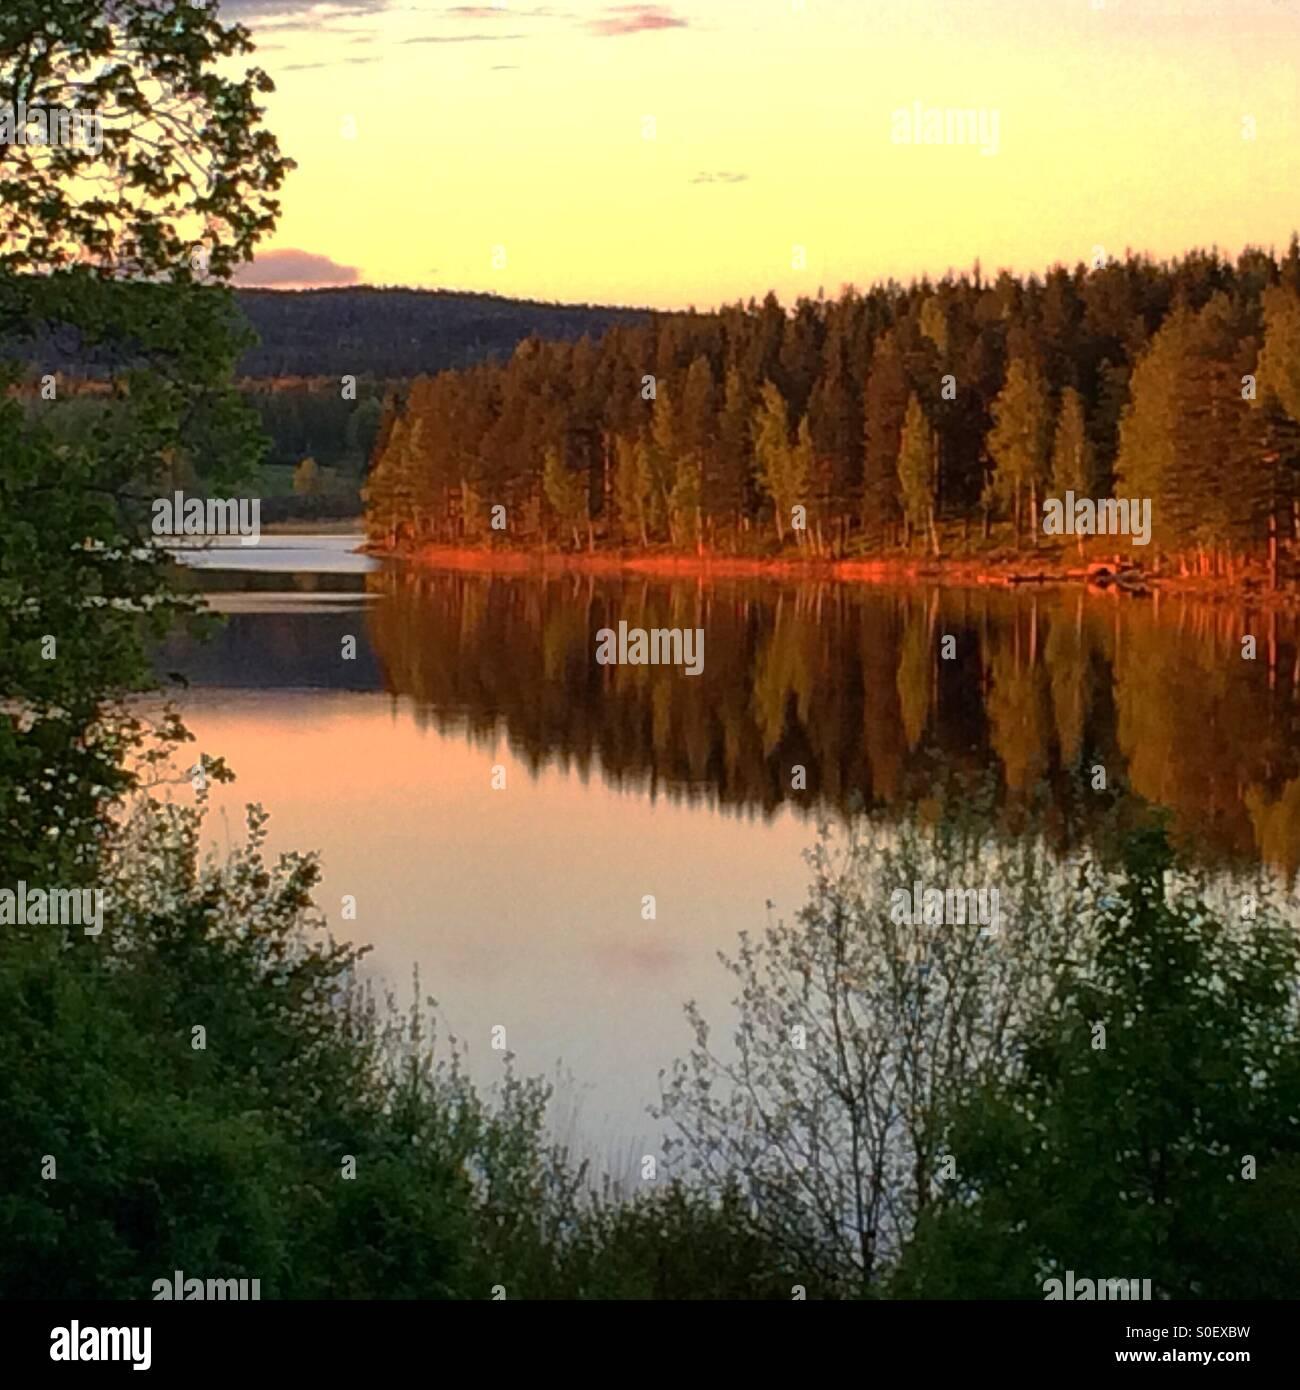 The lake Lilla Aspan in Dalarna, Sweden - Stock Image